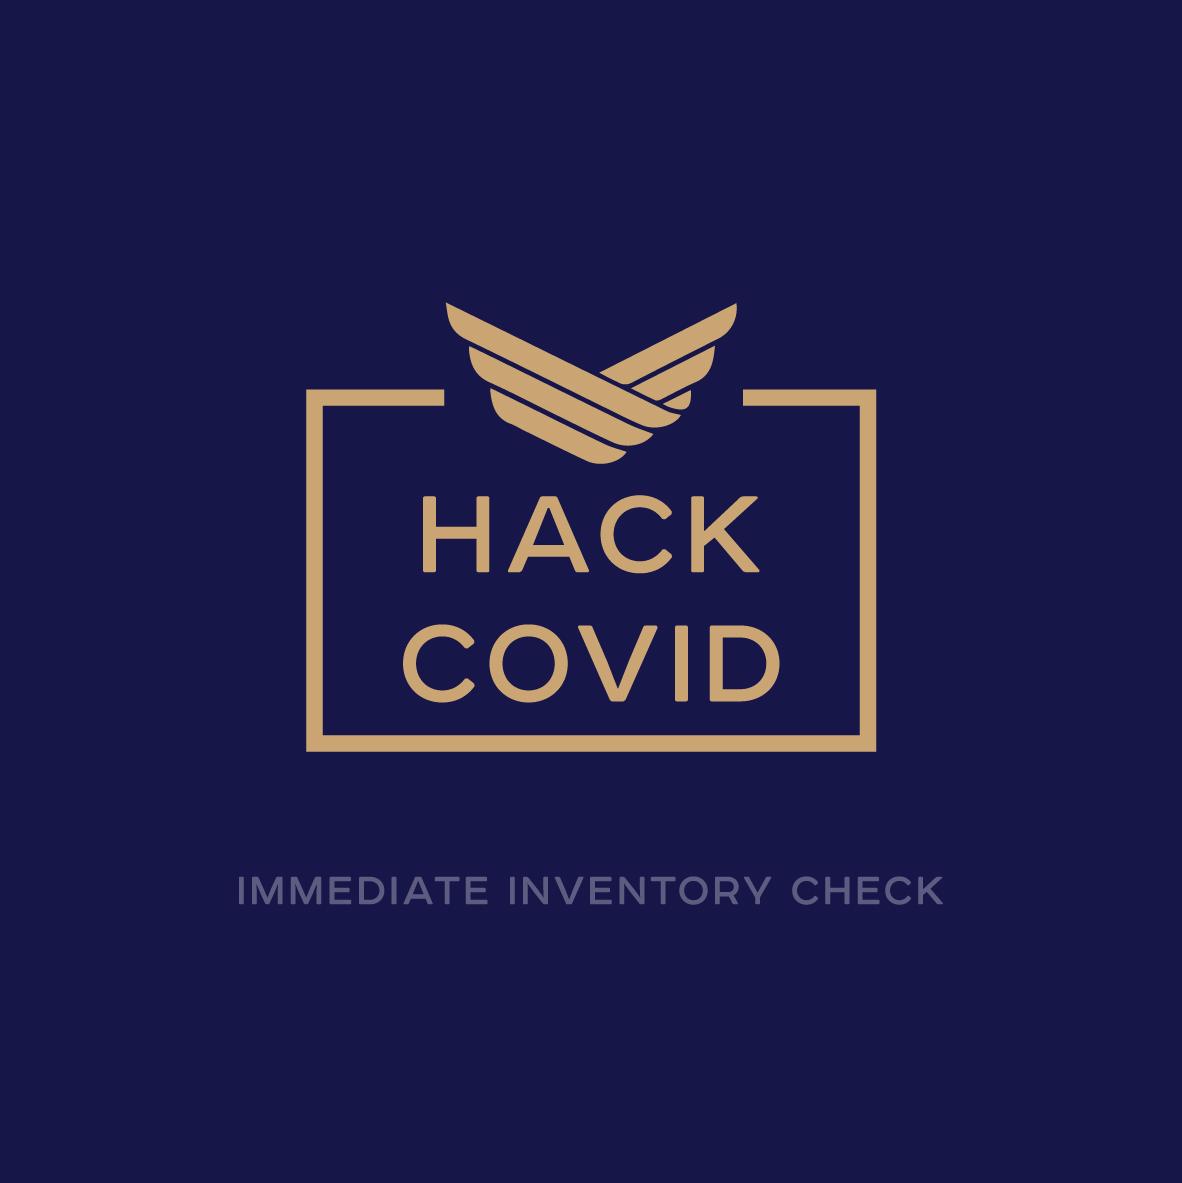 Hack Covid